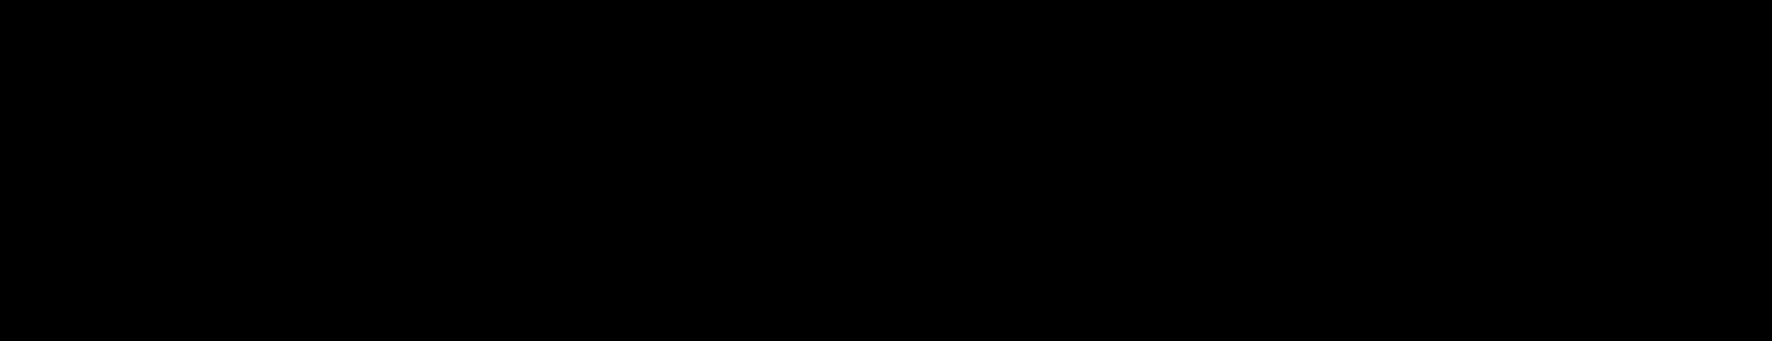 秋田県秋田市美容室ヘアサロン | GRIMM(グリム)